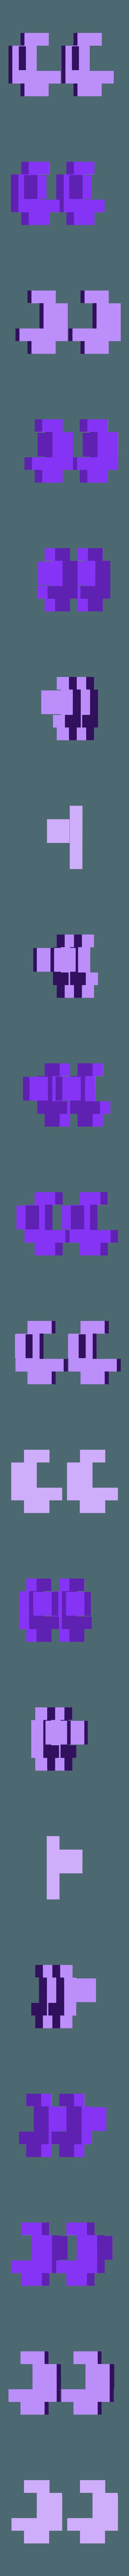 White-Left_pointing_eyes.stl Télécharger fichier STL gratuit PacMan 8 bits et fantômes - Pièces séparées (pas besoin de colle) • Design à imprimer en 3D, conceptify